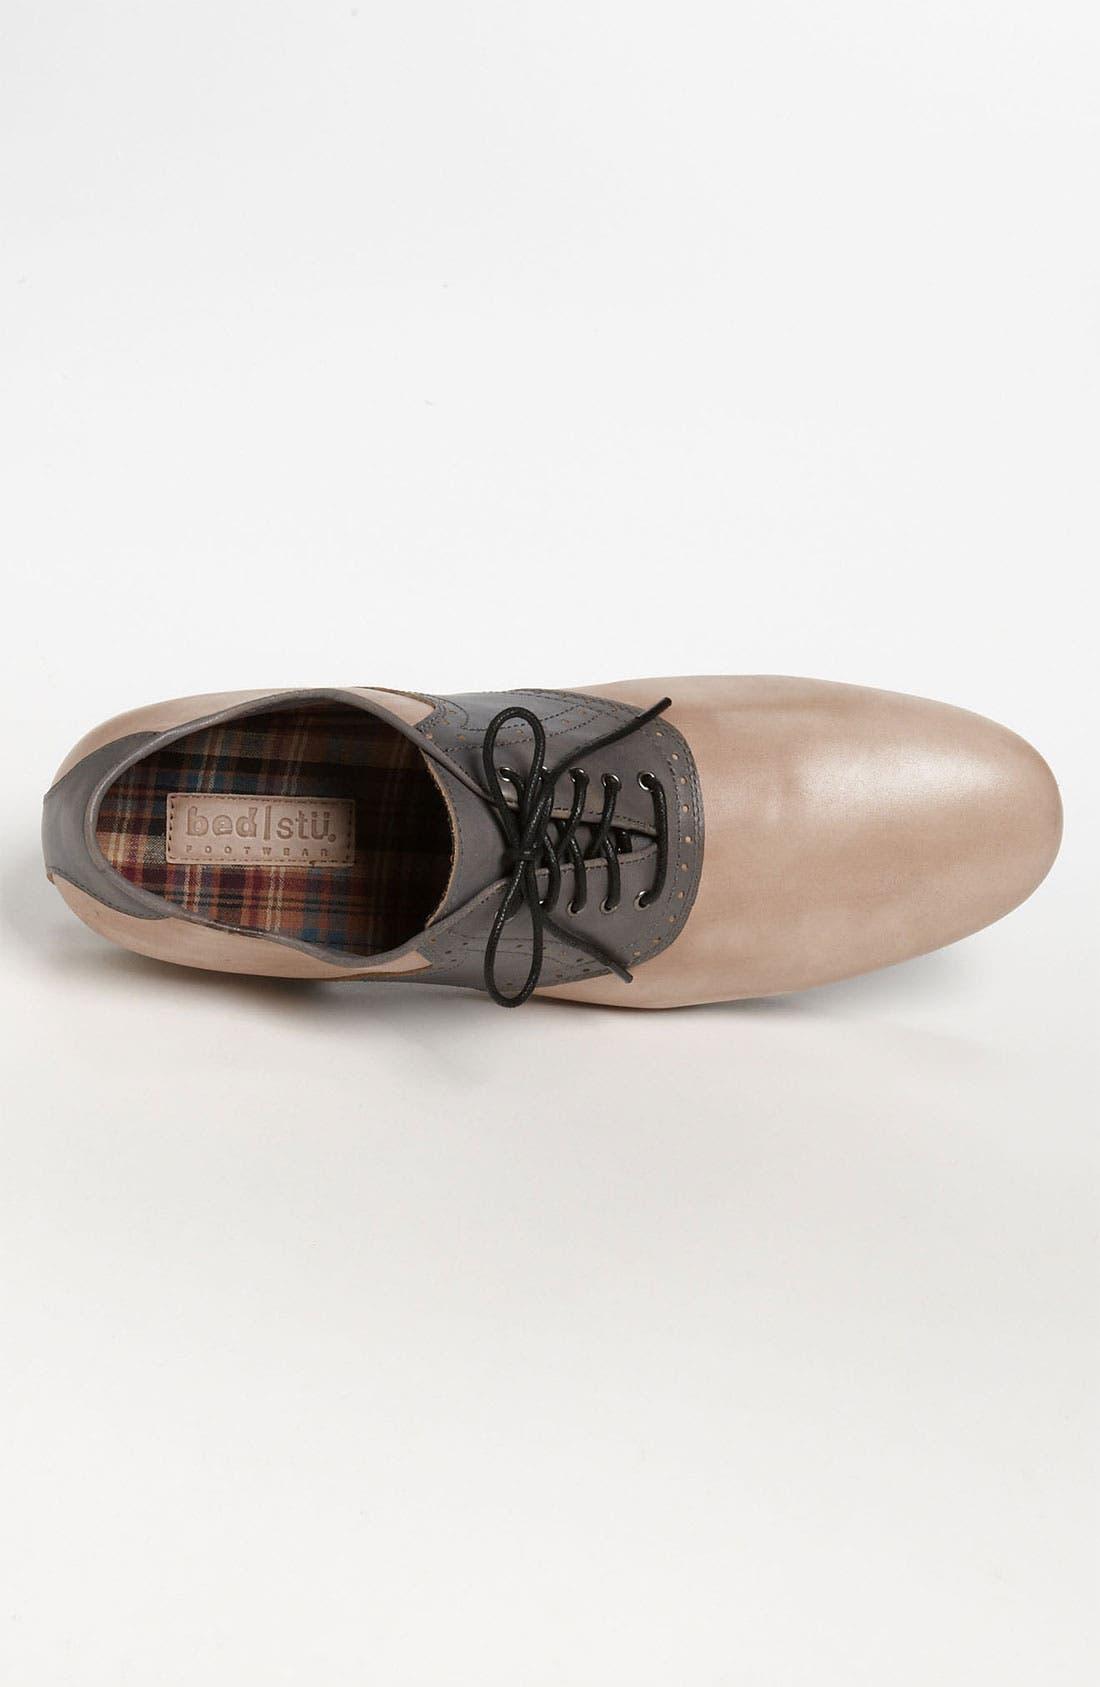 Alternate Image 3  - Bed Stu 'Orleans' Saddle Shoe (Online Only)